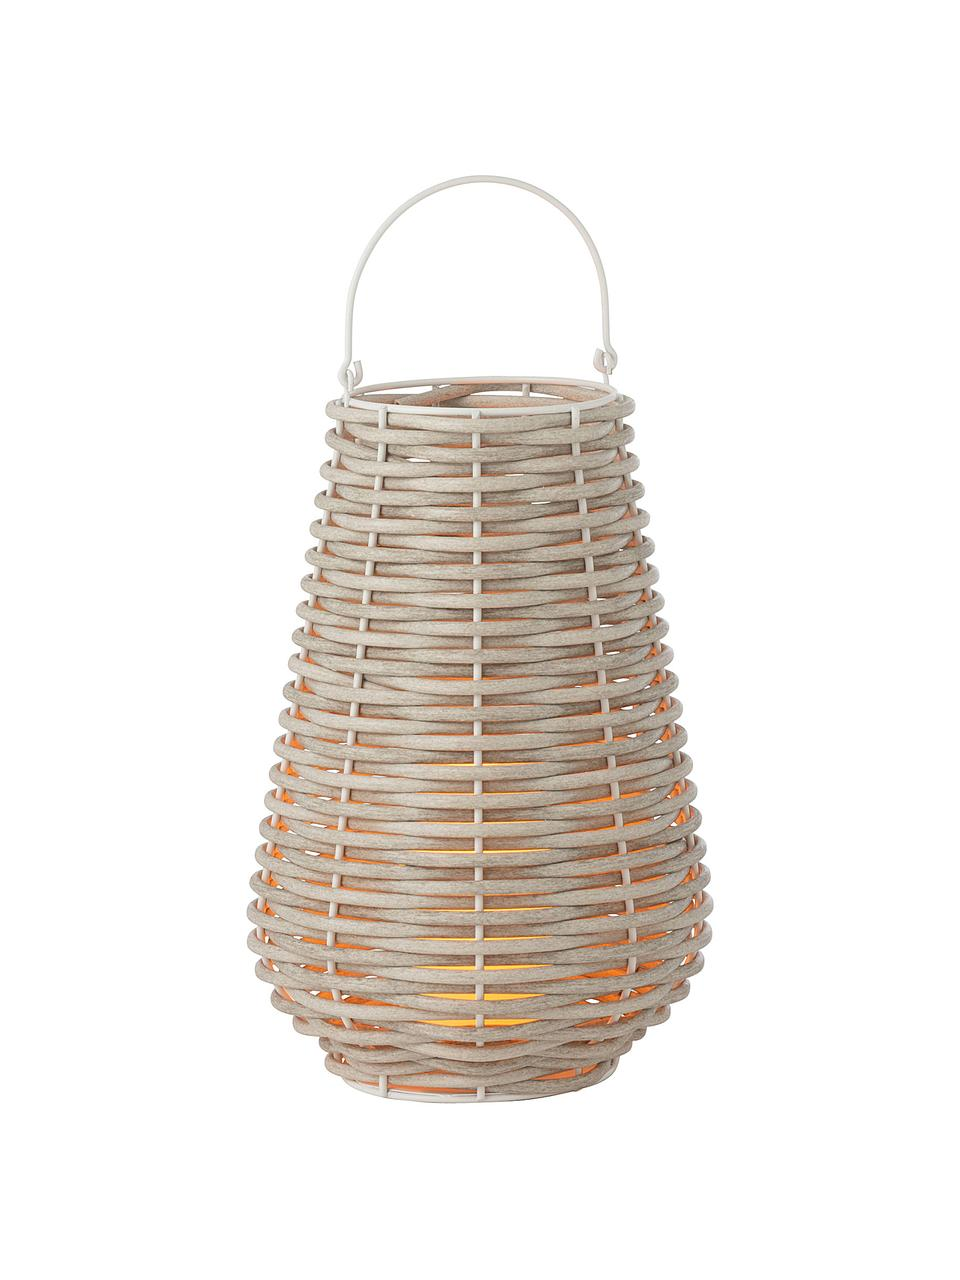 Latarenka ze świecą LED Wova, Beżowy, Ø 32 x W 62 cm